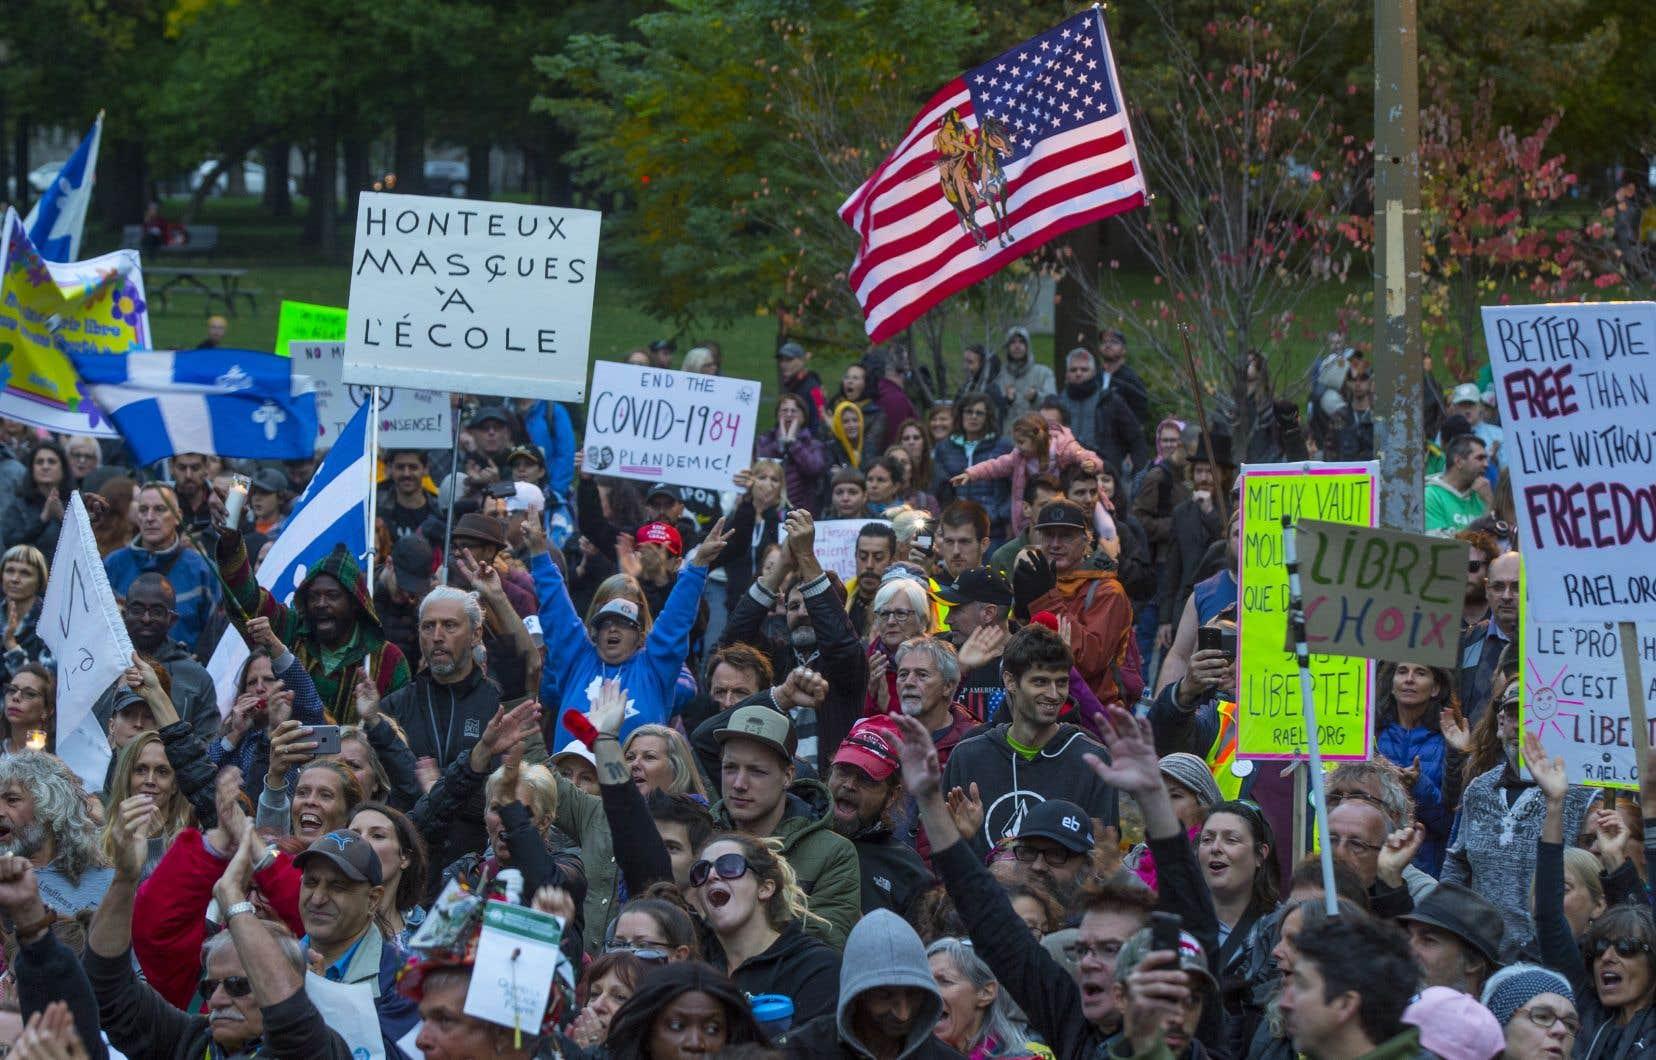 Des centaines de personnes se sont réunies au parc La Fontaine, à Montréal, mercredi soir, pour contester les mesures imposées par la Santé publique pour combattre la pandémie de coronavirus.